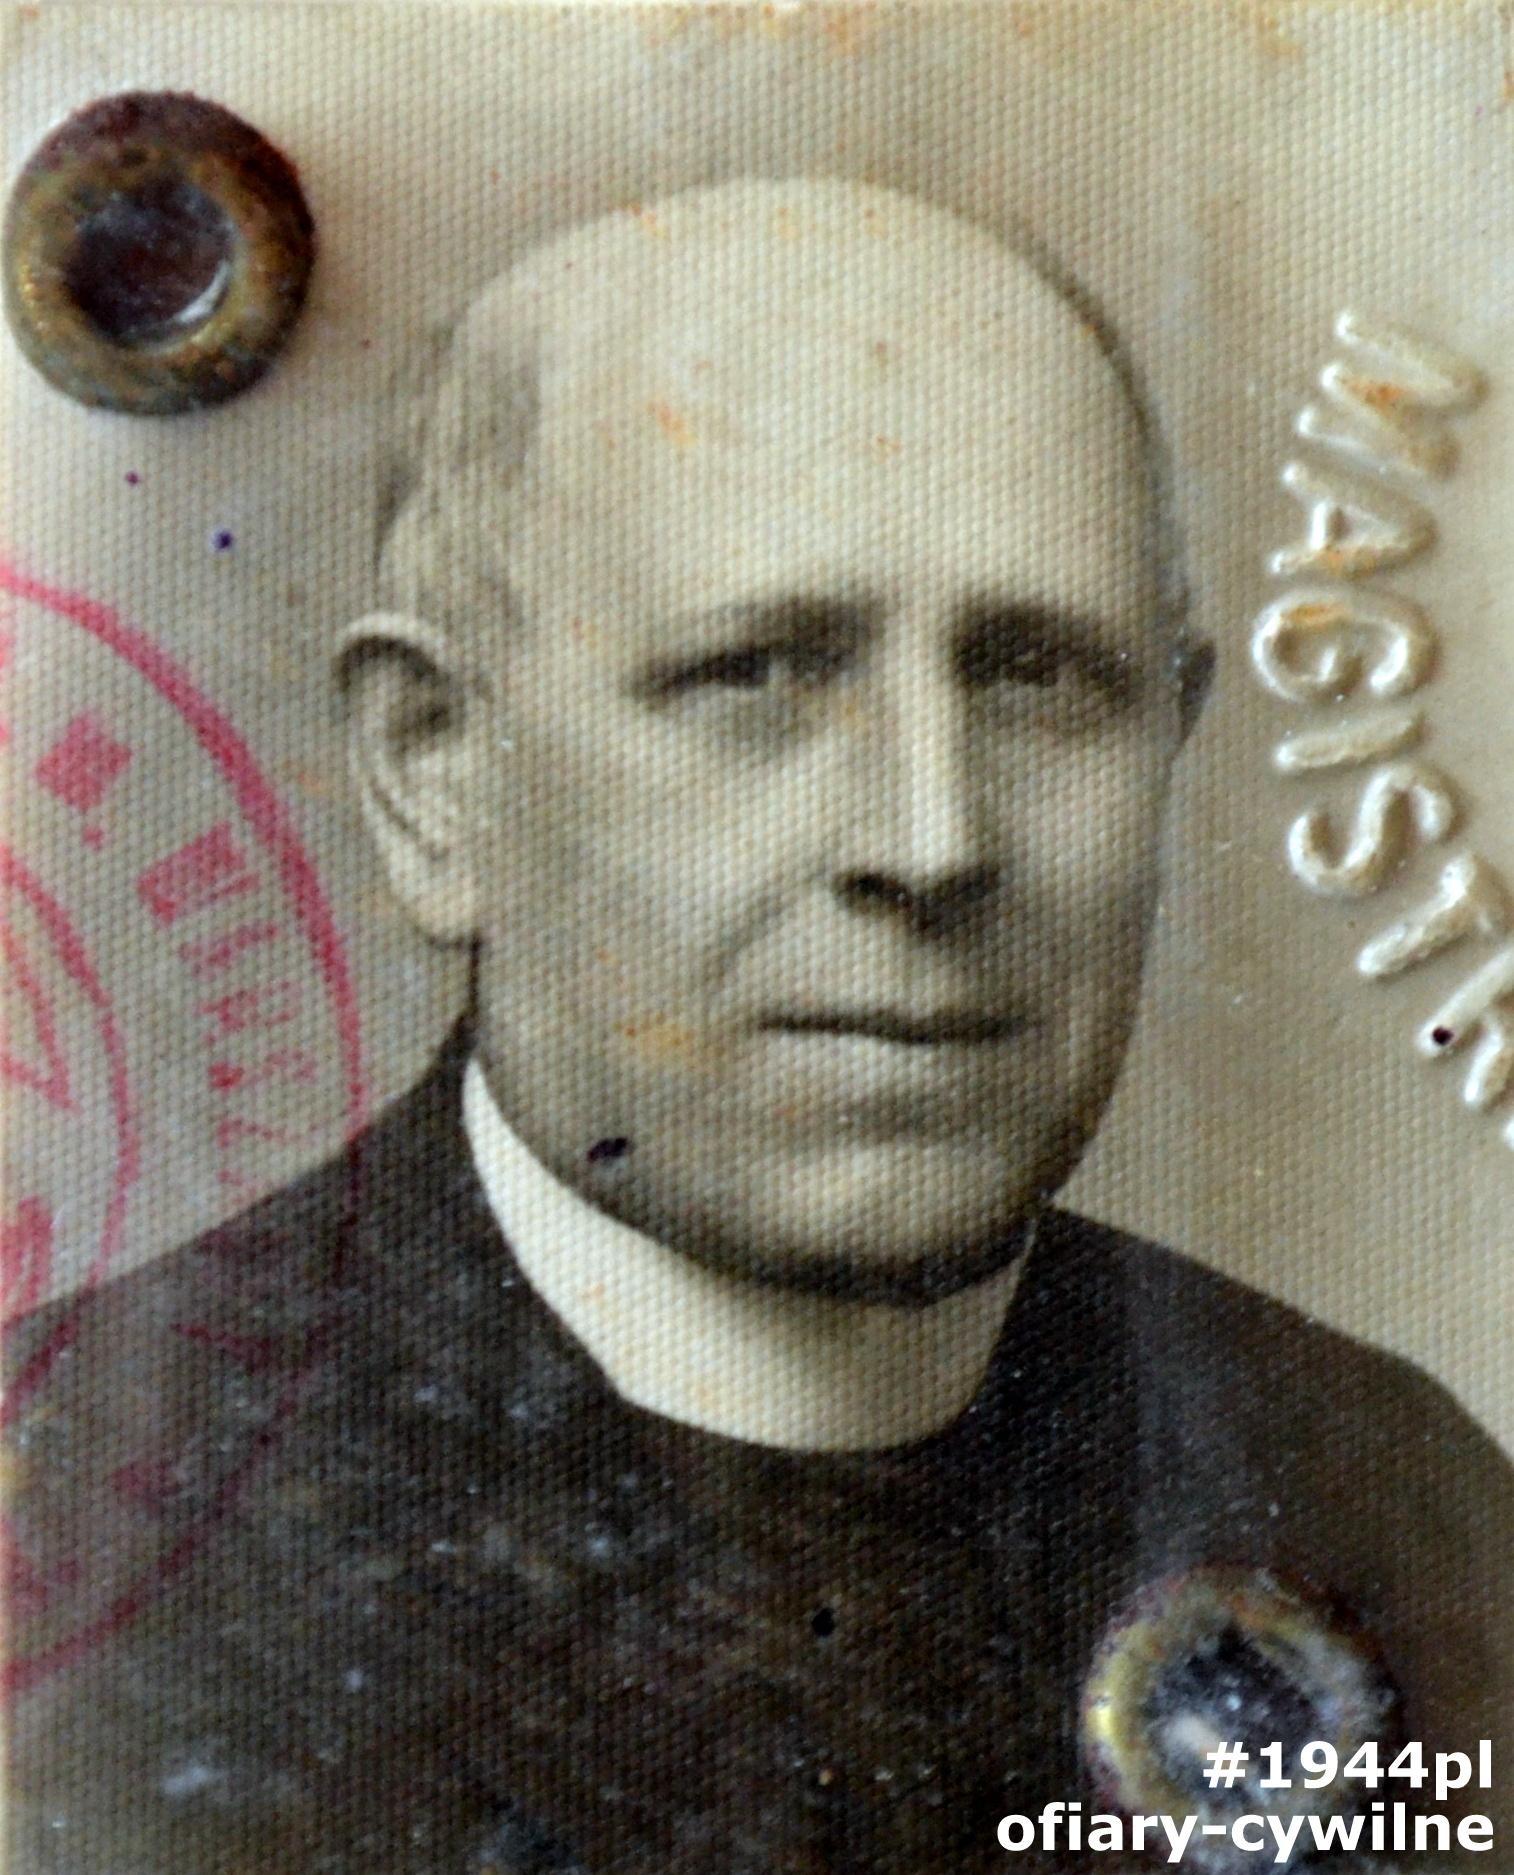 ks. Stanisław Jan Rogoż (1874-1944), fotografia z dowodu osobistego, zbiory Archiwum Państwowe m.st. Warszawy Zespół nr 655 Sąd Grodzki w Warszawie, sygnatura 1/74